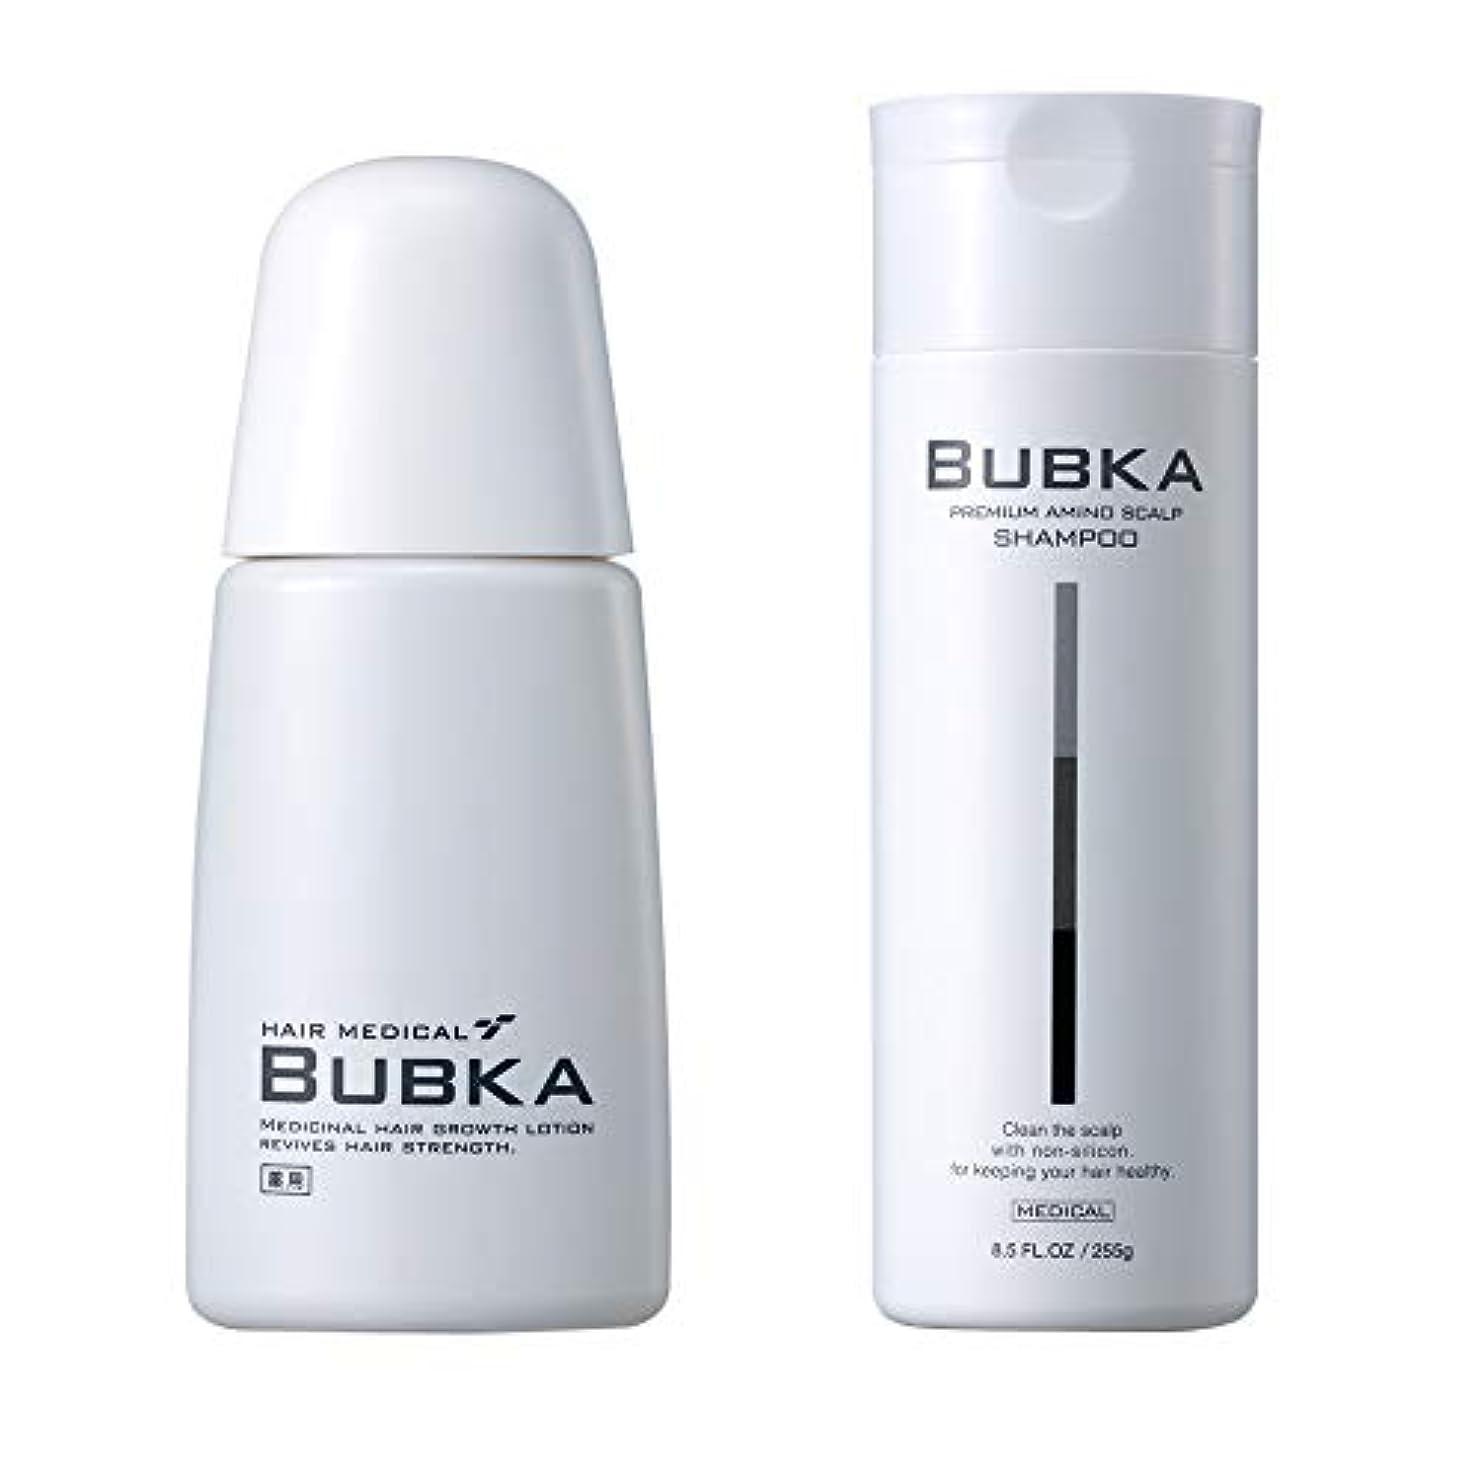 グローわがまま引き出す【BUBKA ブブカ 】濃密育毛剤 ブブカ-003M+BUBKAスカルプケアシャンプー おすすめセット